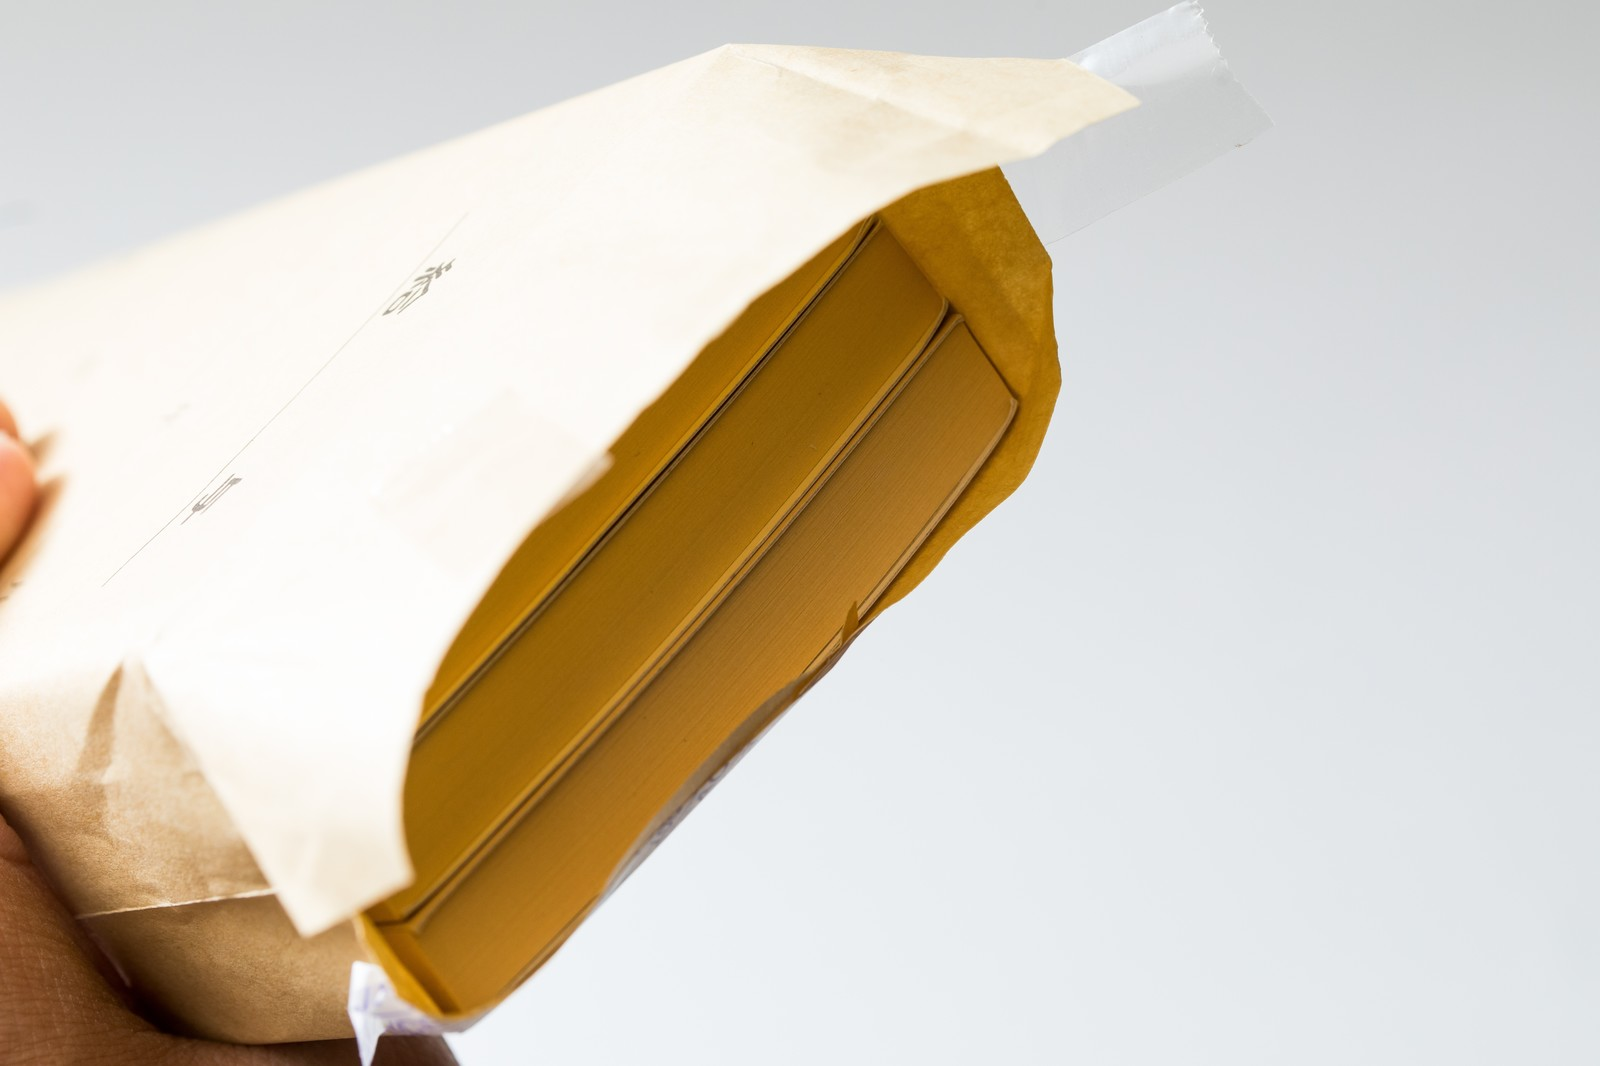 「封筒の中身は札束封筒の中身は札束」のフリー写真素材を拡大